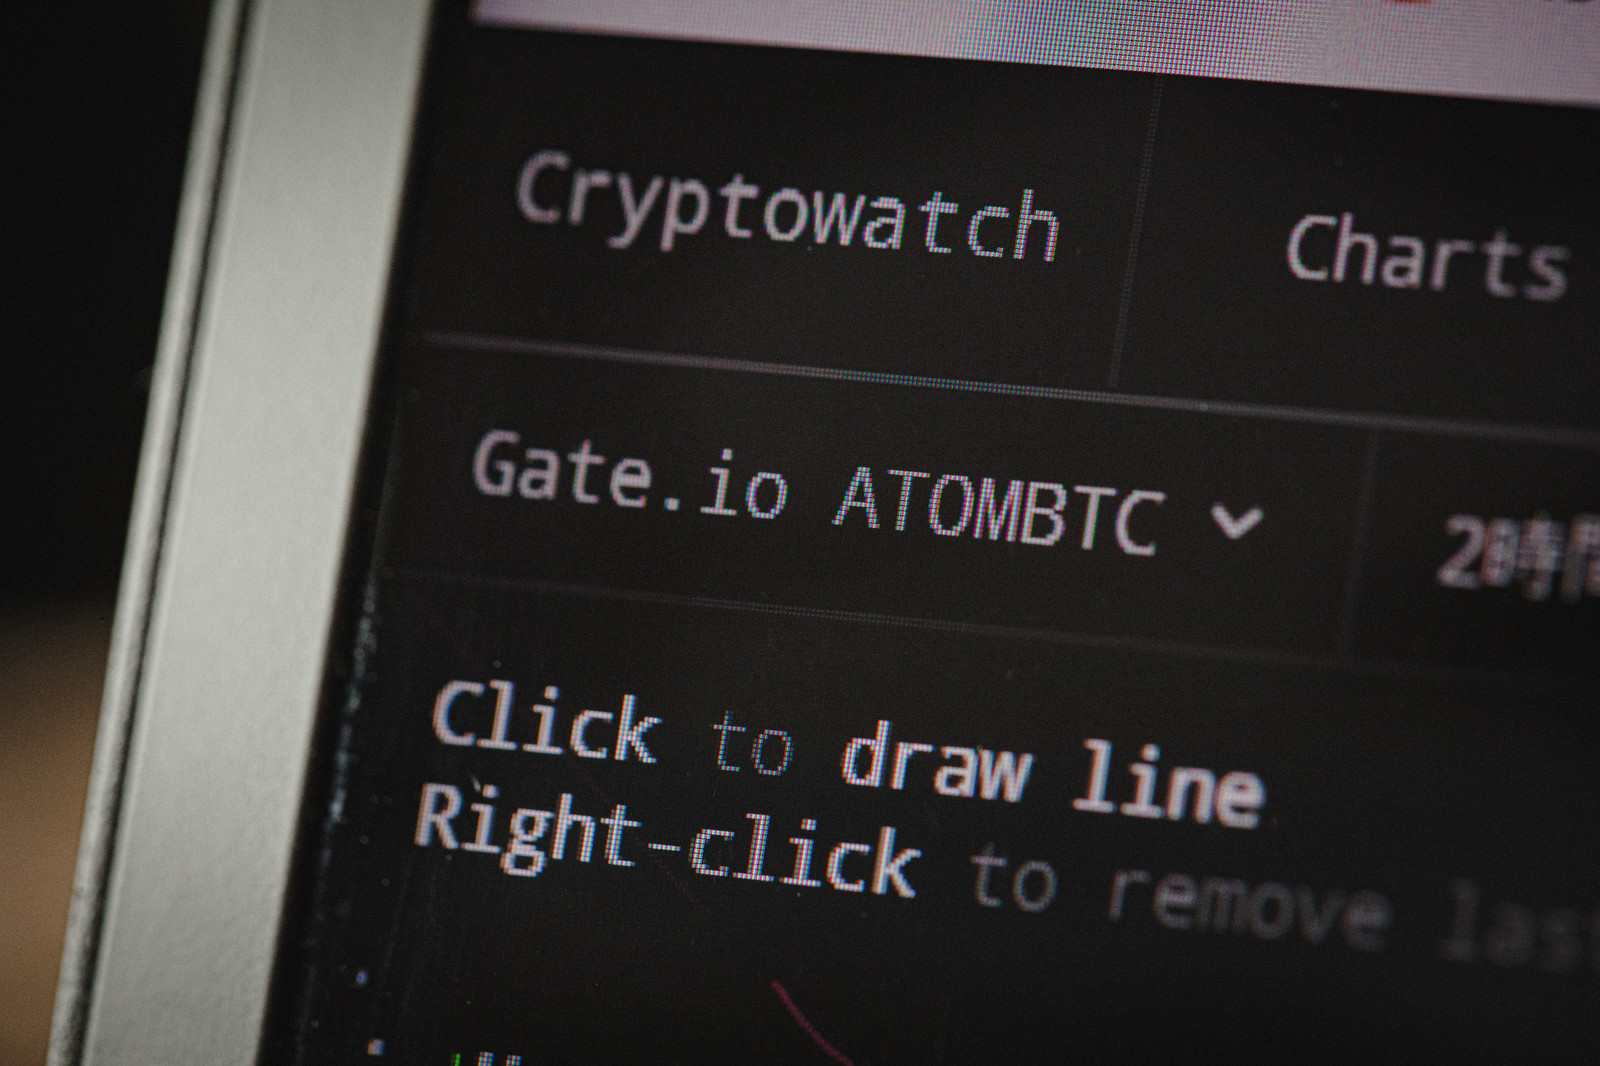 「ATOMBTC」の写真